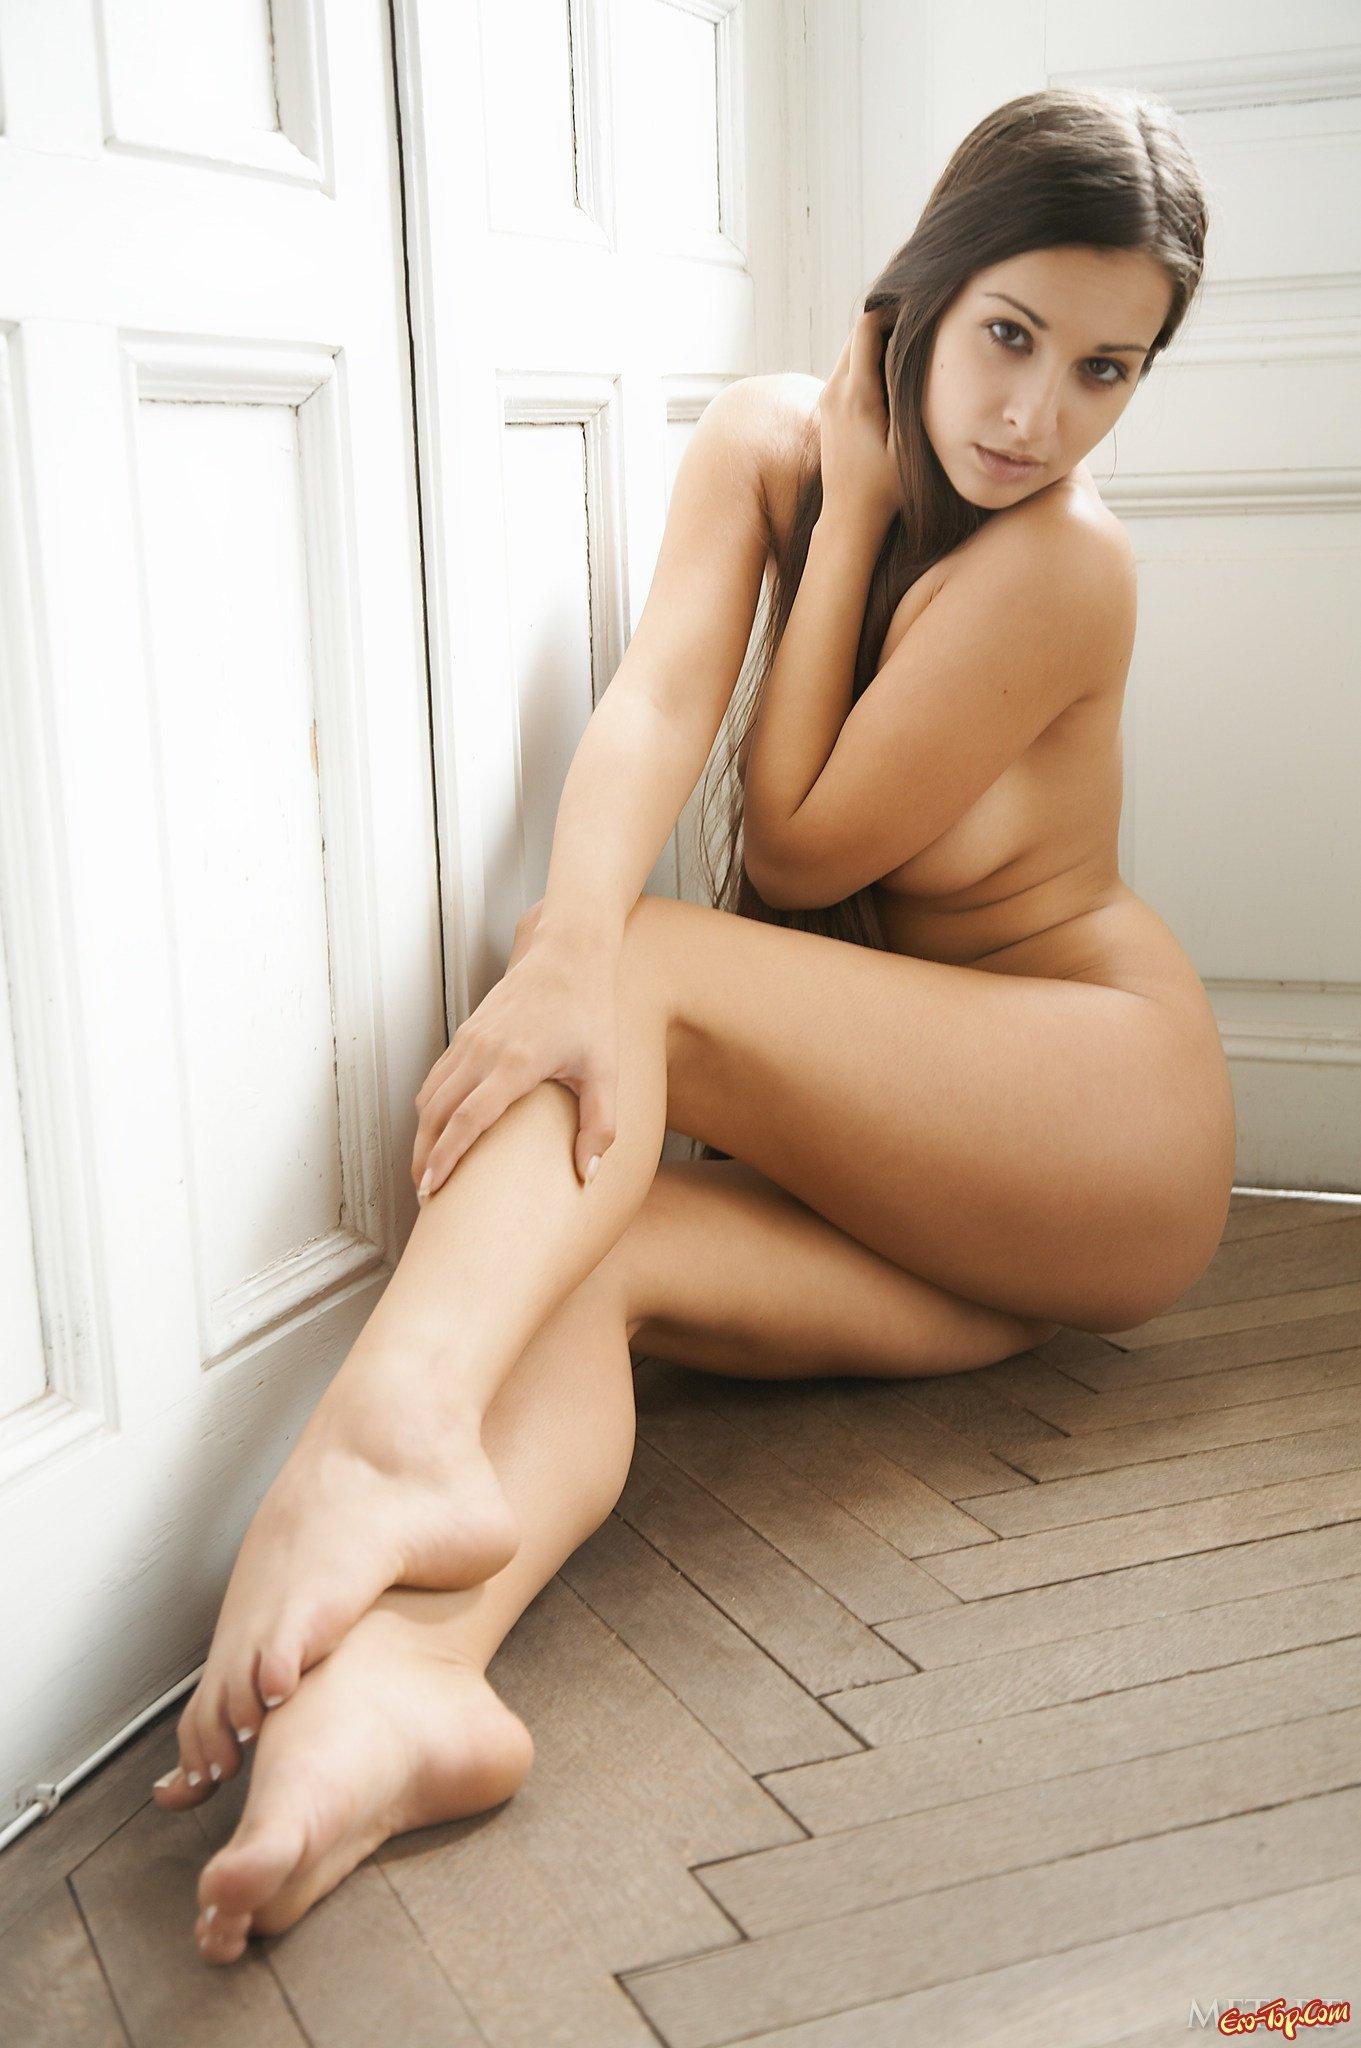 Без стрингов сидит на полу смотреть эротику